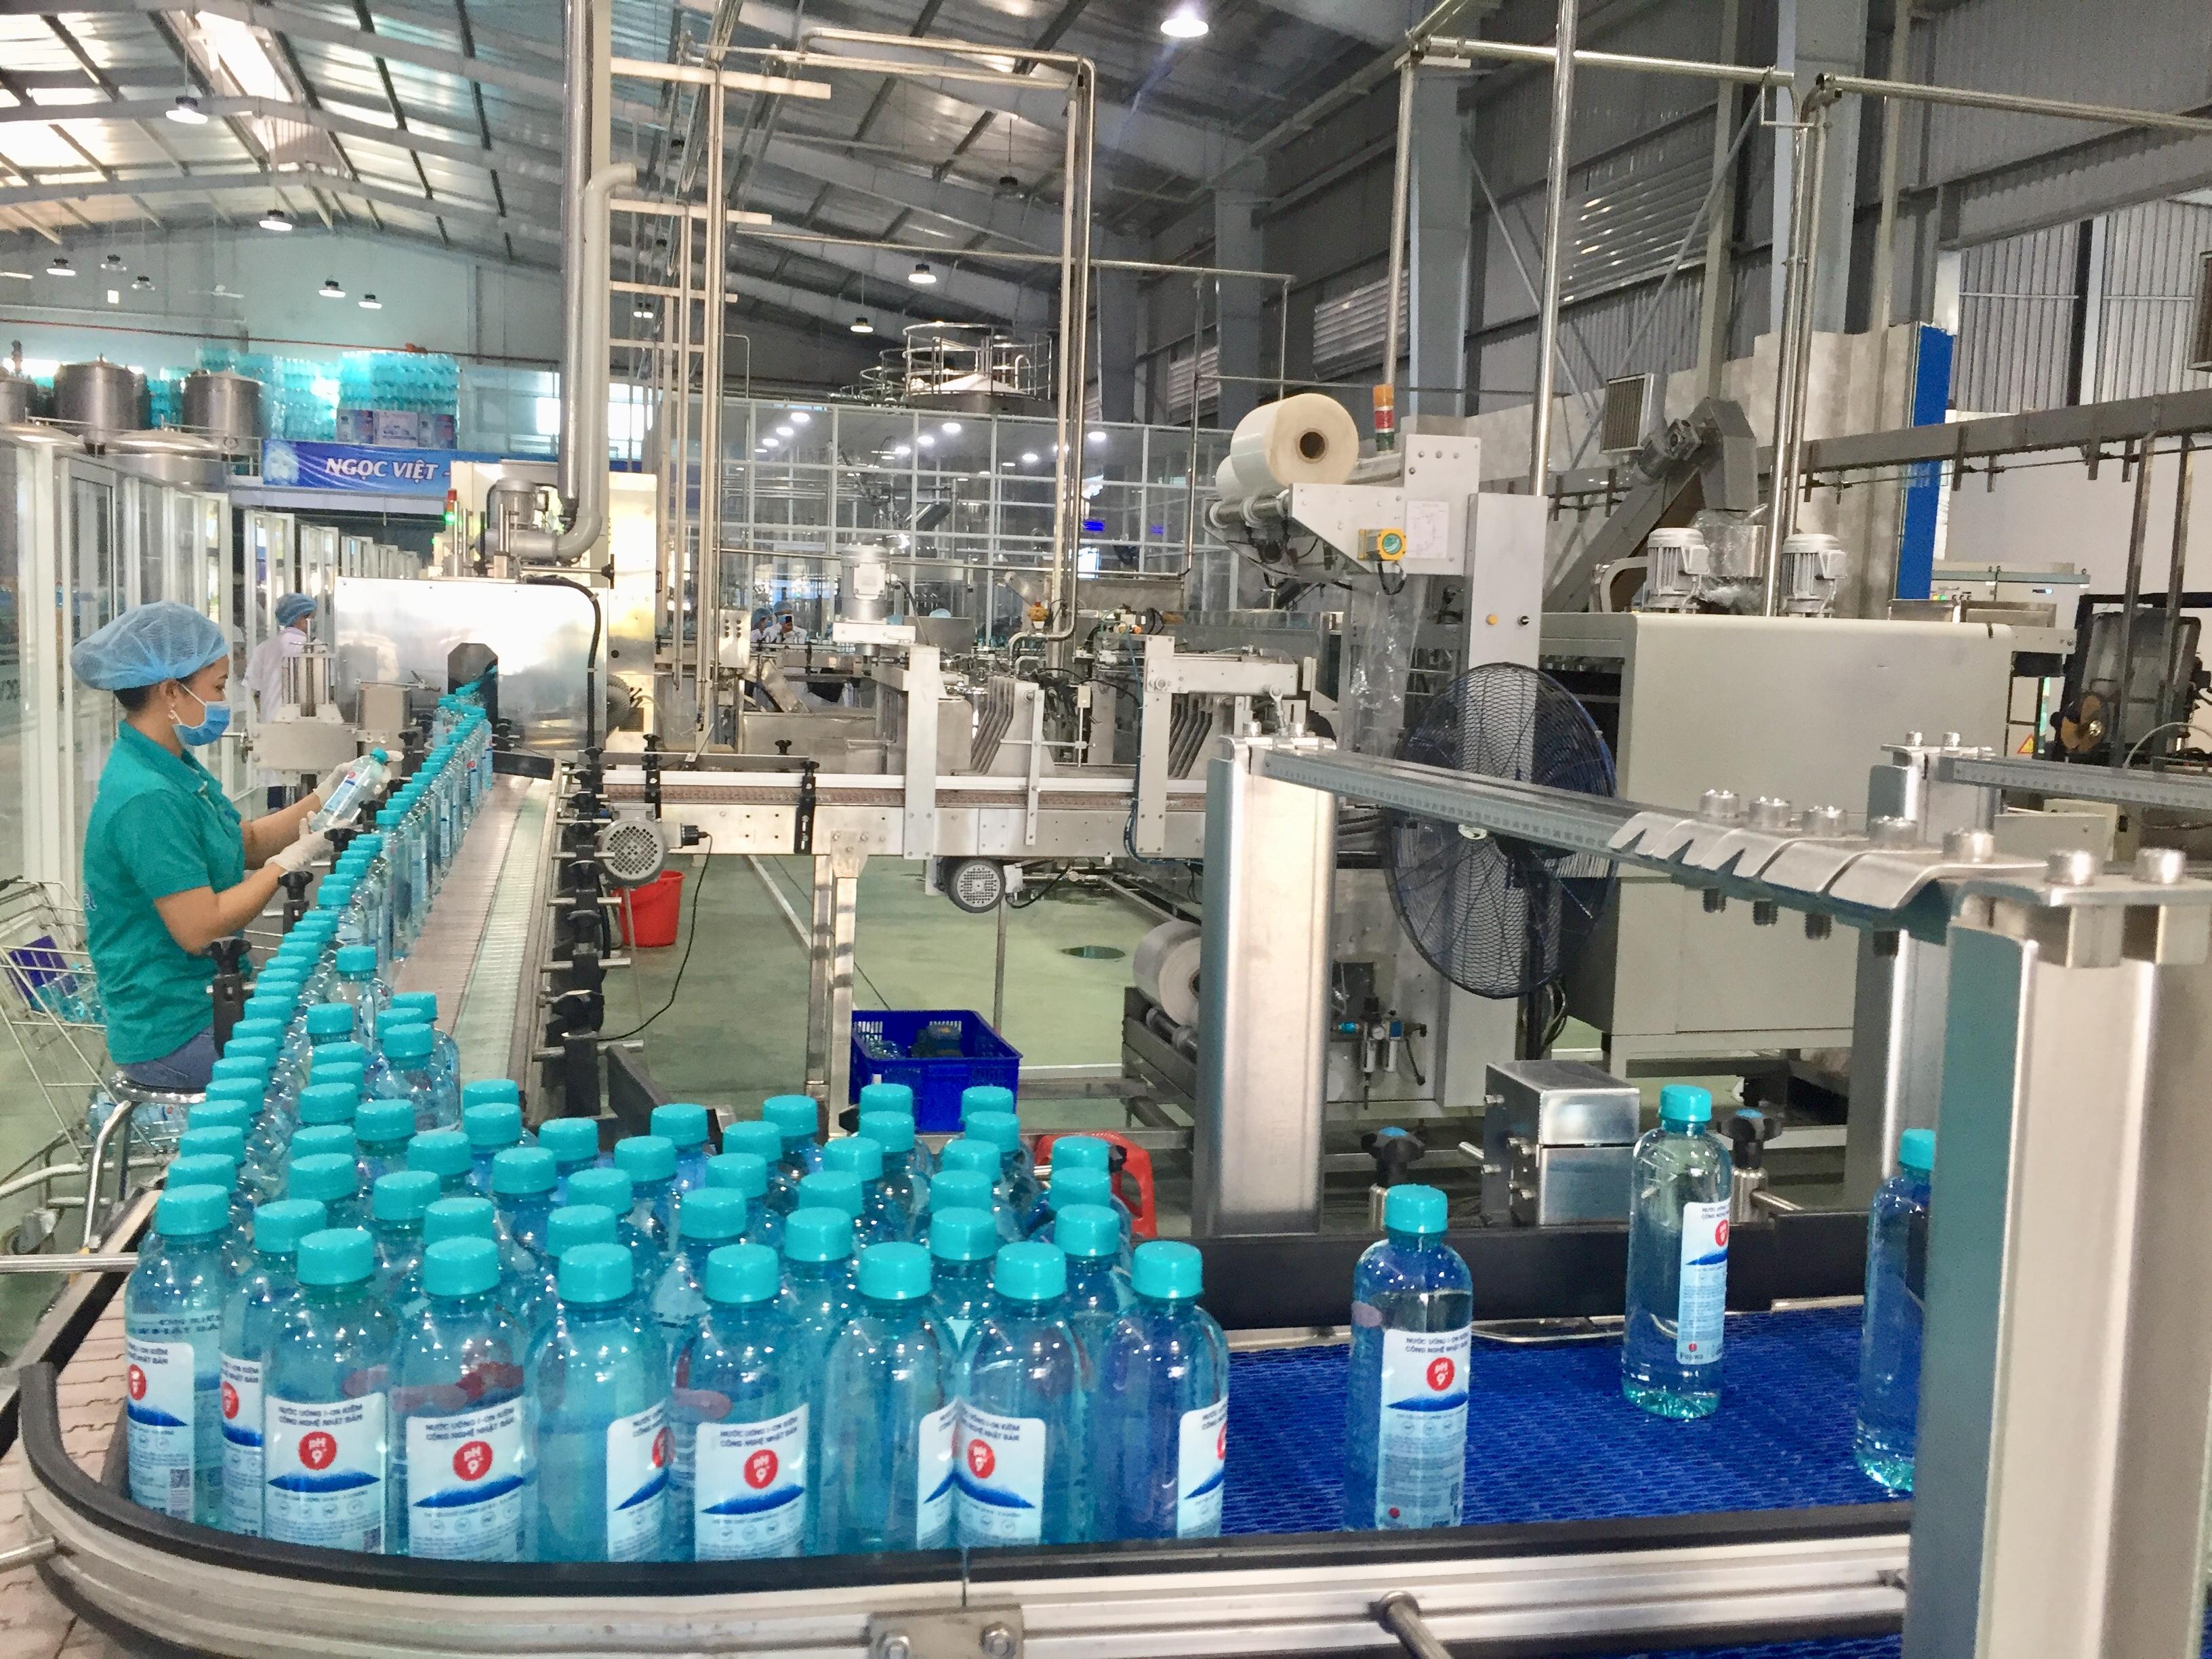 Nước uống Ion kiềm Fujiwa công nghệ Nhật Bản ra mắt thị trường